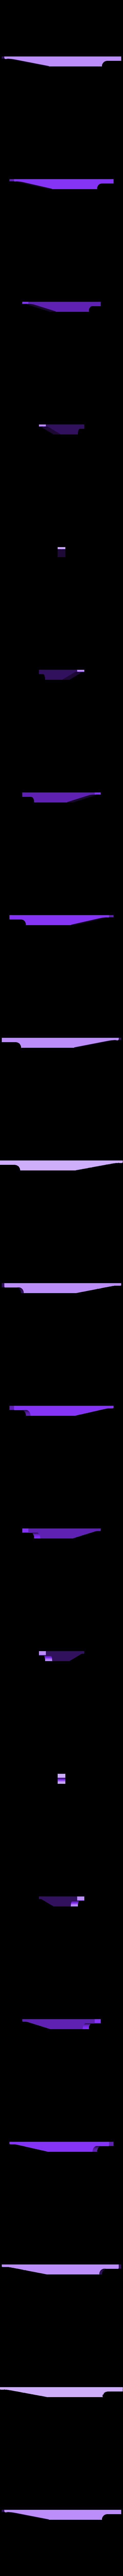 Y-beltgrip01.STL Download free STL file Mammut - Giant printer. • 3D printable model, tahustvedt